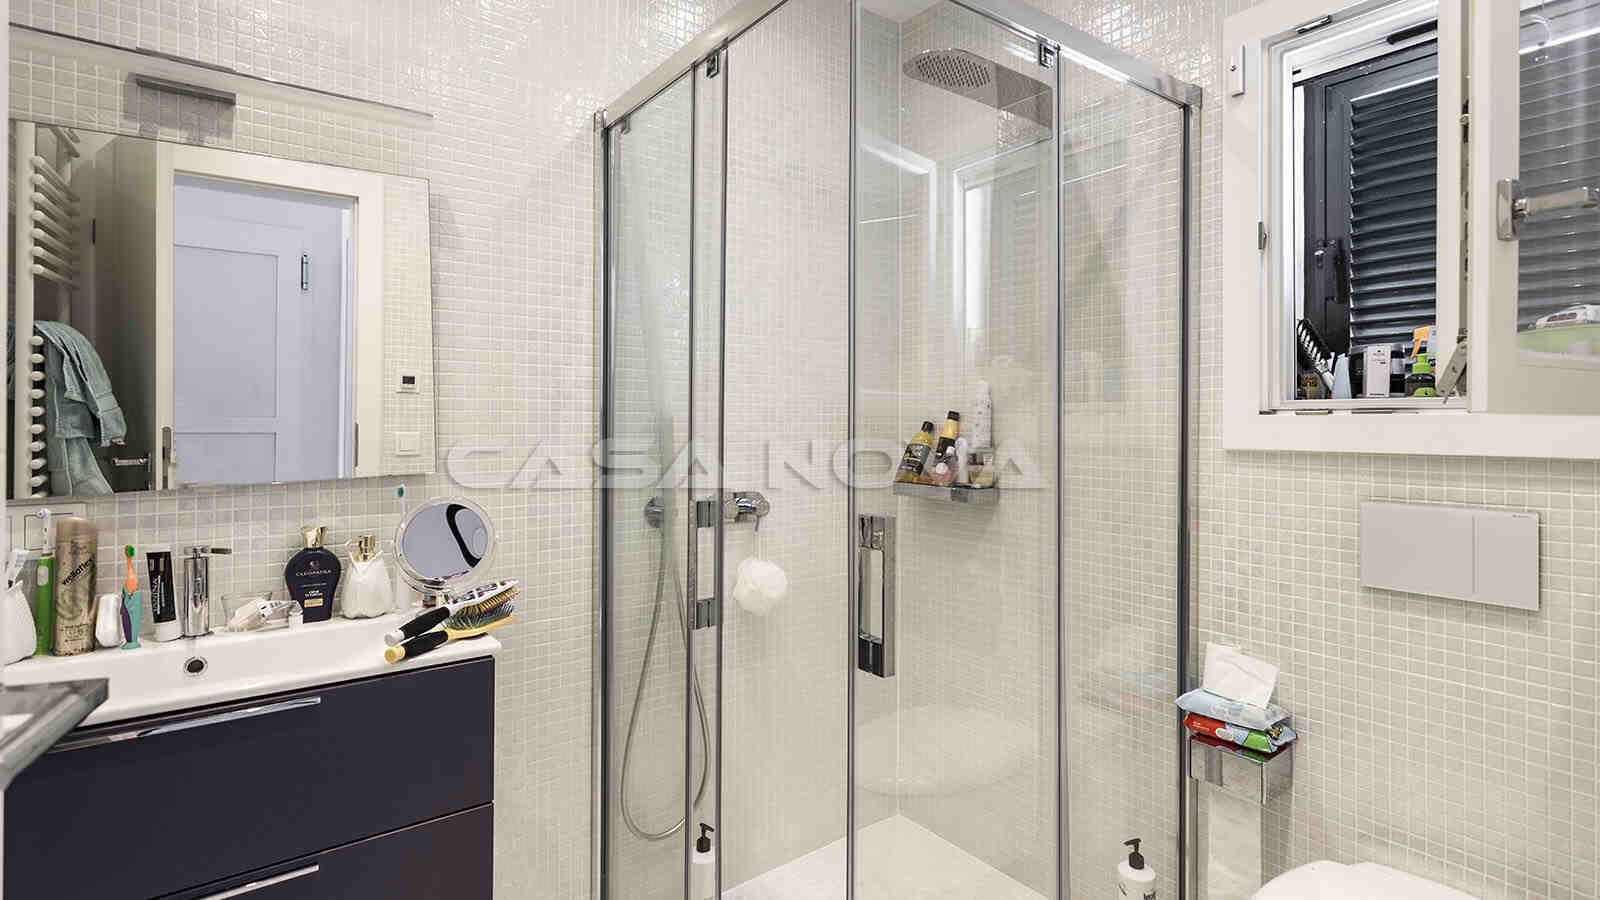 Badezimmer mit moderner Ausstattung